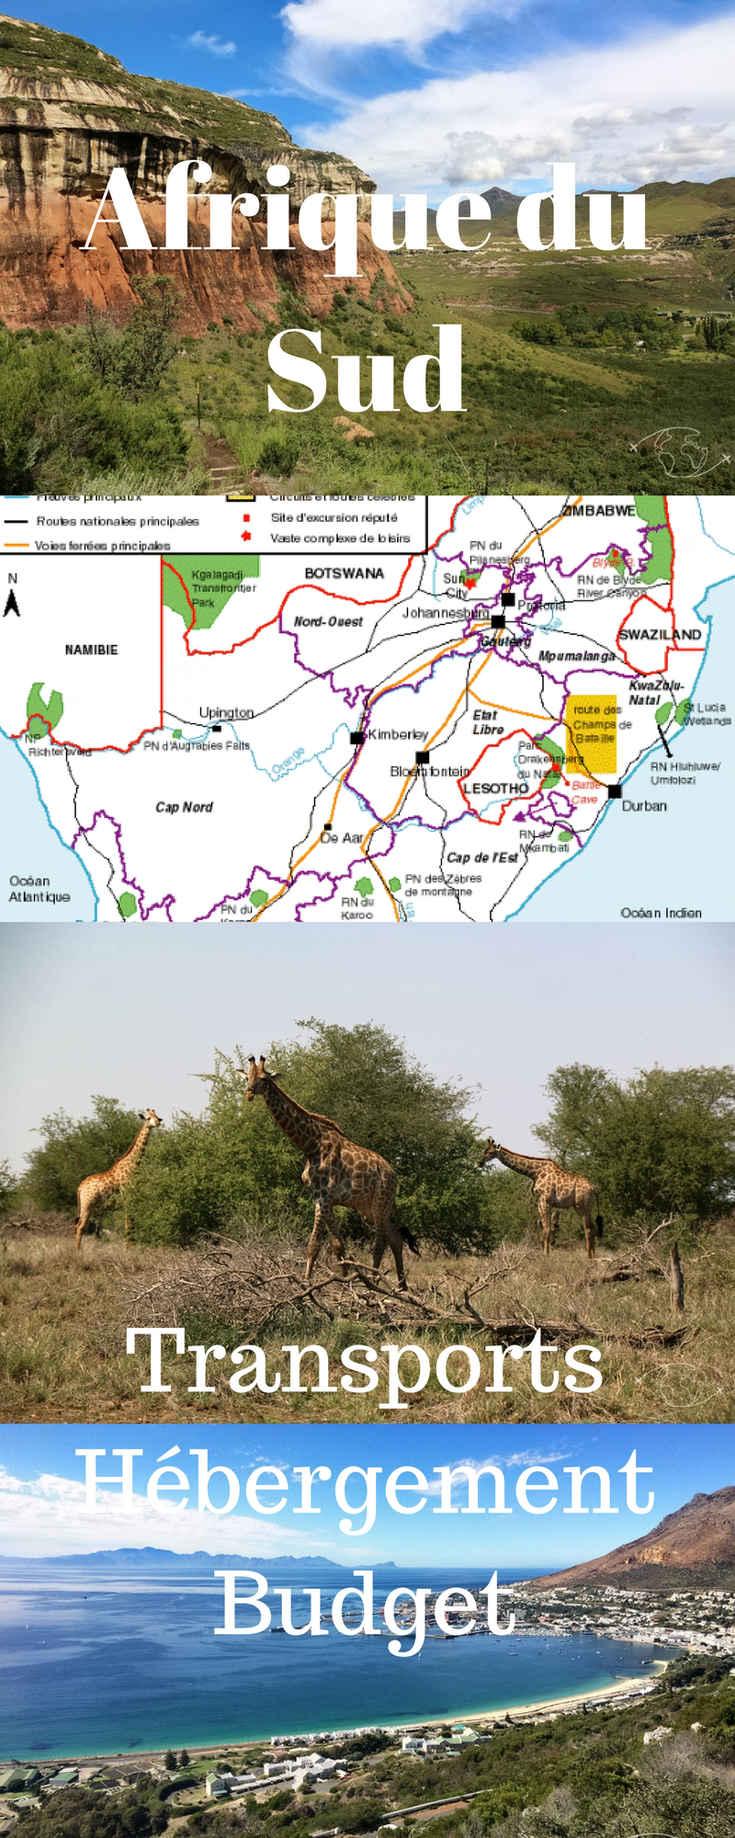 Après 3 semaines en Afrique du Sud, je partage tous mes bons plans et infos pour vous aider à préparer votre voyage de rêve ! #afriquedusud #voyagederêve #transport #hébergement #budget #bonsplans #pascher